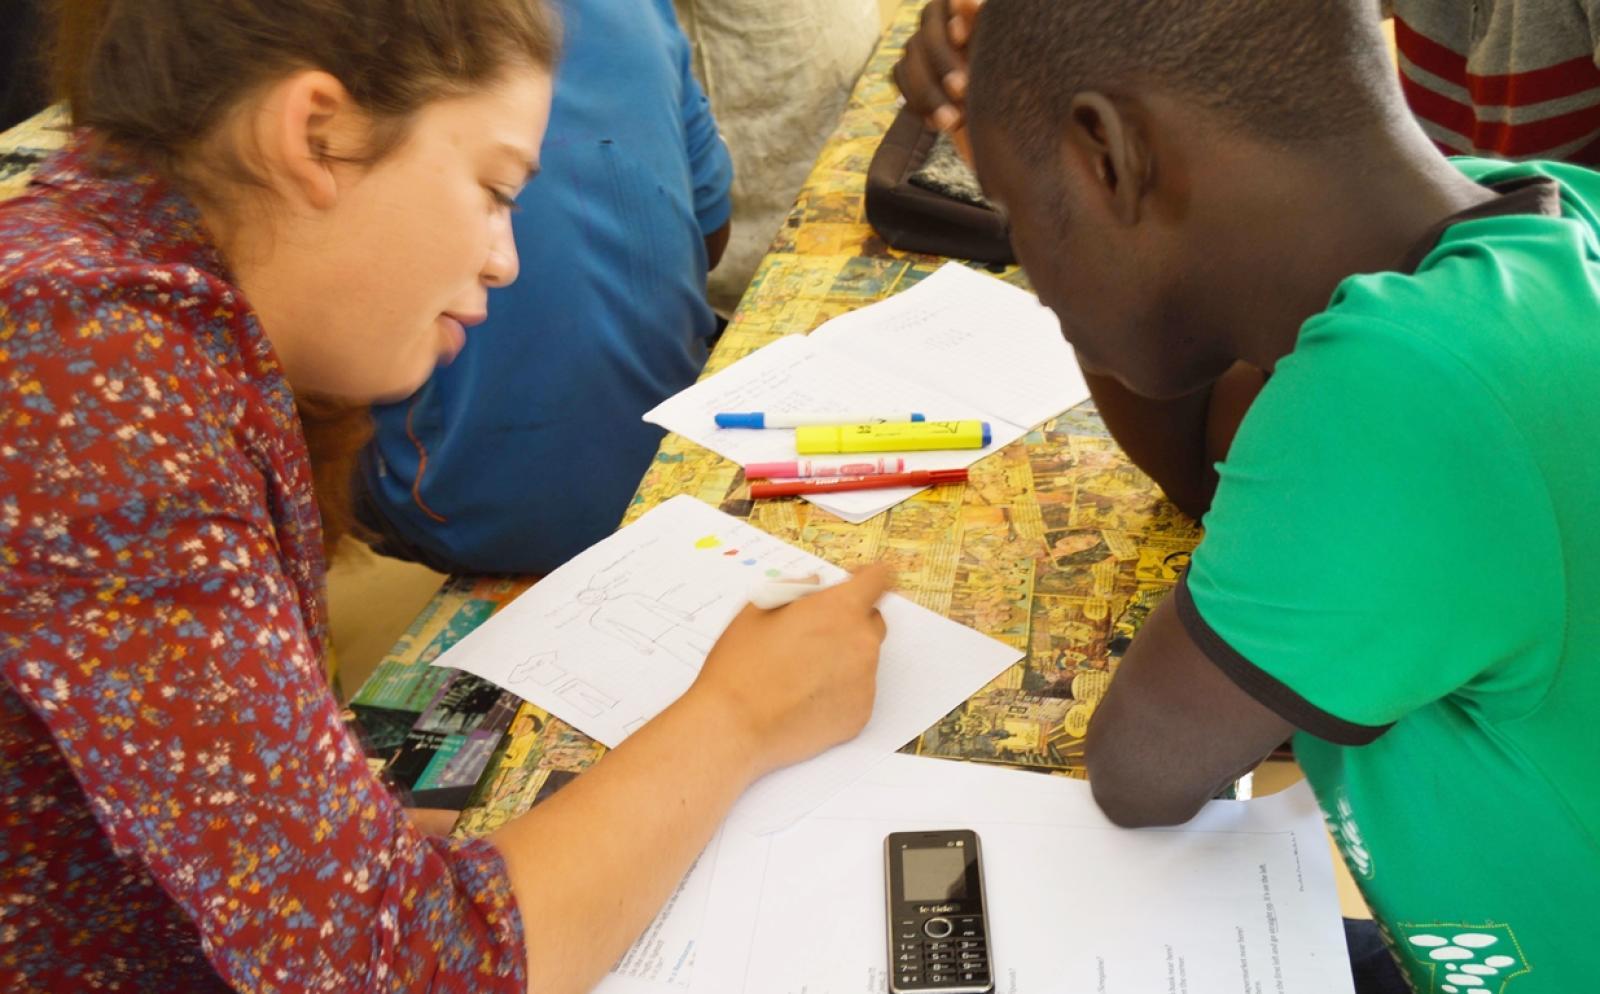 セネガルのローン受益者にビジネストレーニングを行うマイクロファイナンスインターン